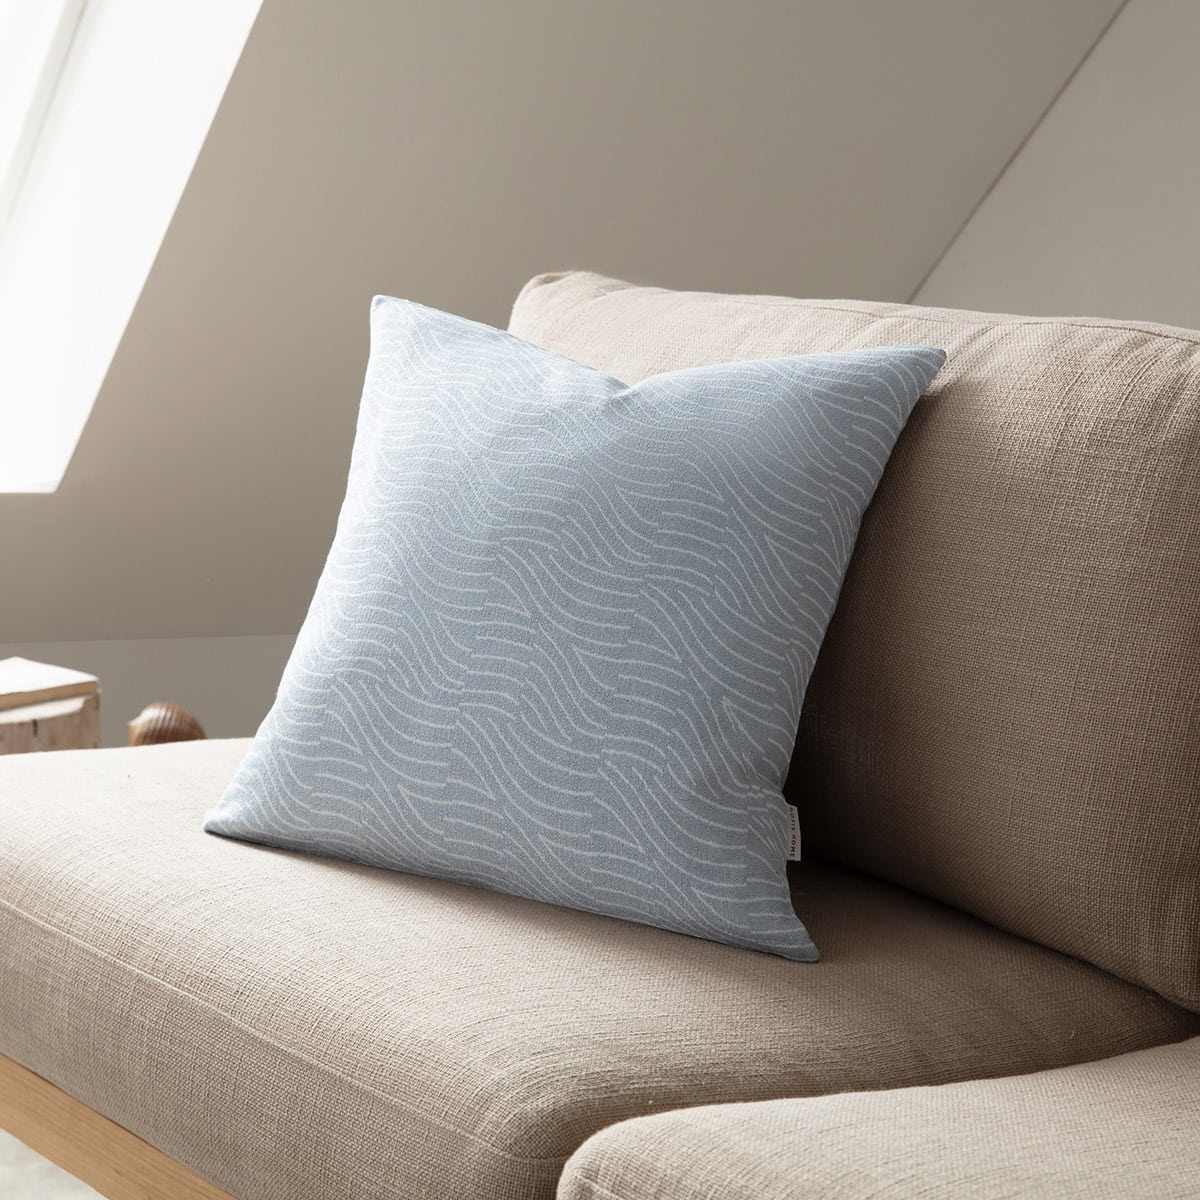 Μαξιλαροθήκη Διακοσμητική Oceania 183/01 Ciel-White Gofis Home 50X50 Βαμβάκι-Polyester